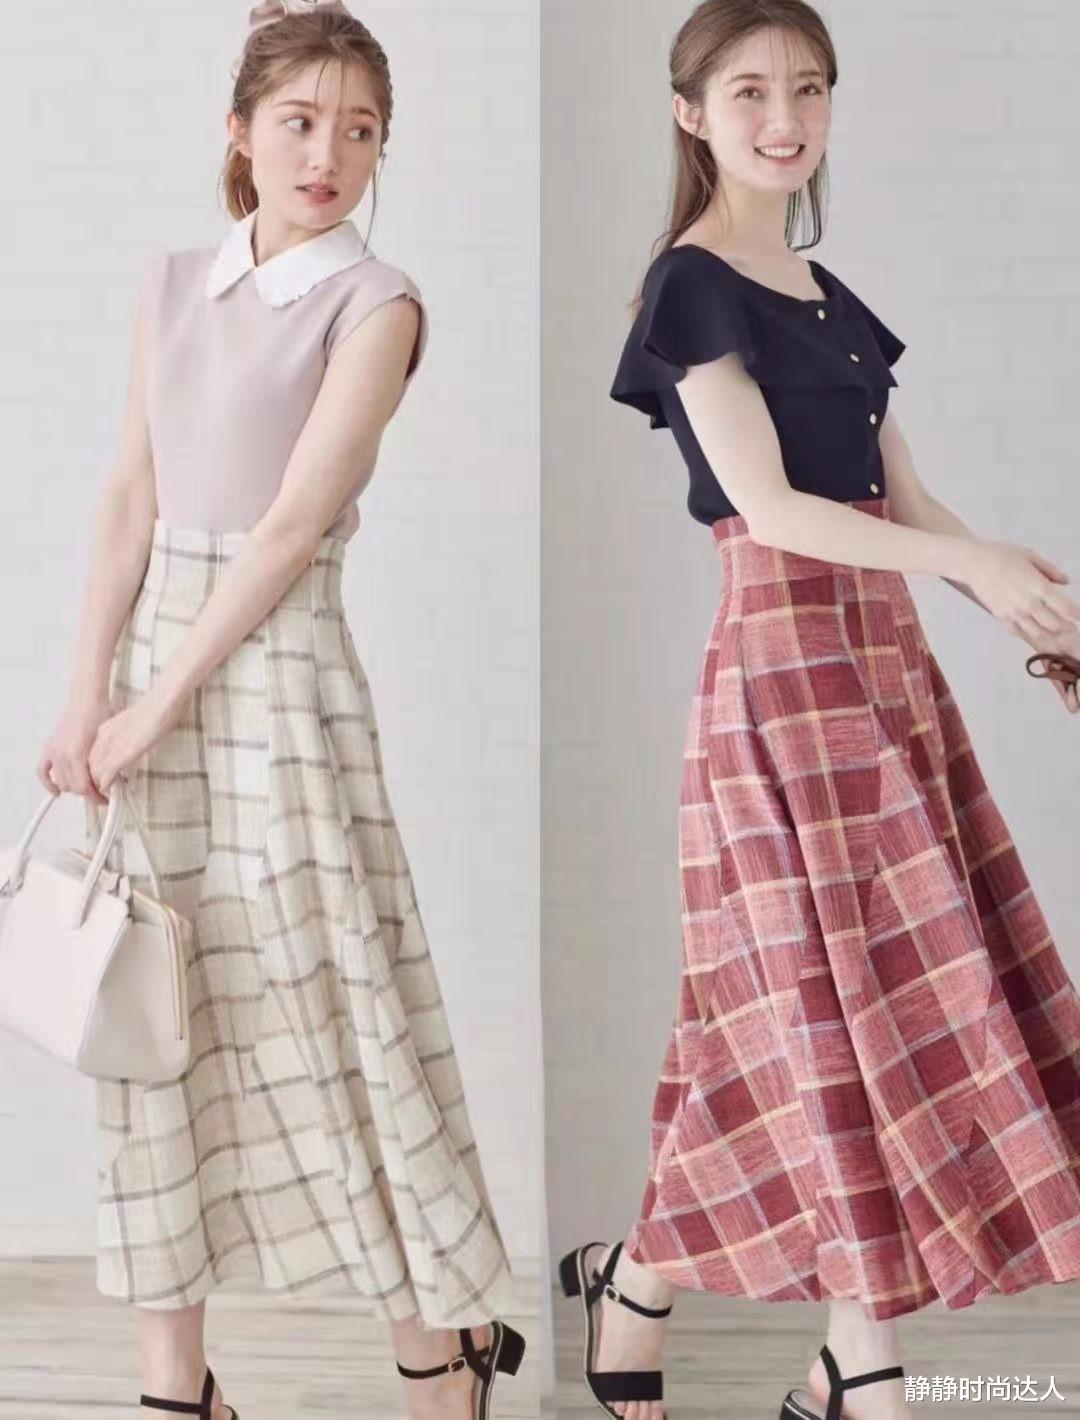 半身裙怎么穿才好看?分享2类日系半身裙的穿搭套路,超实用